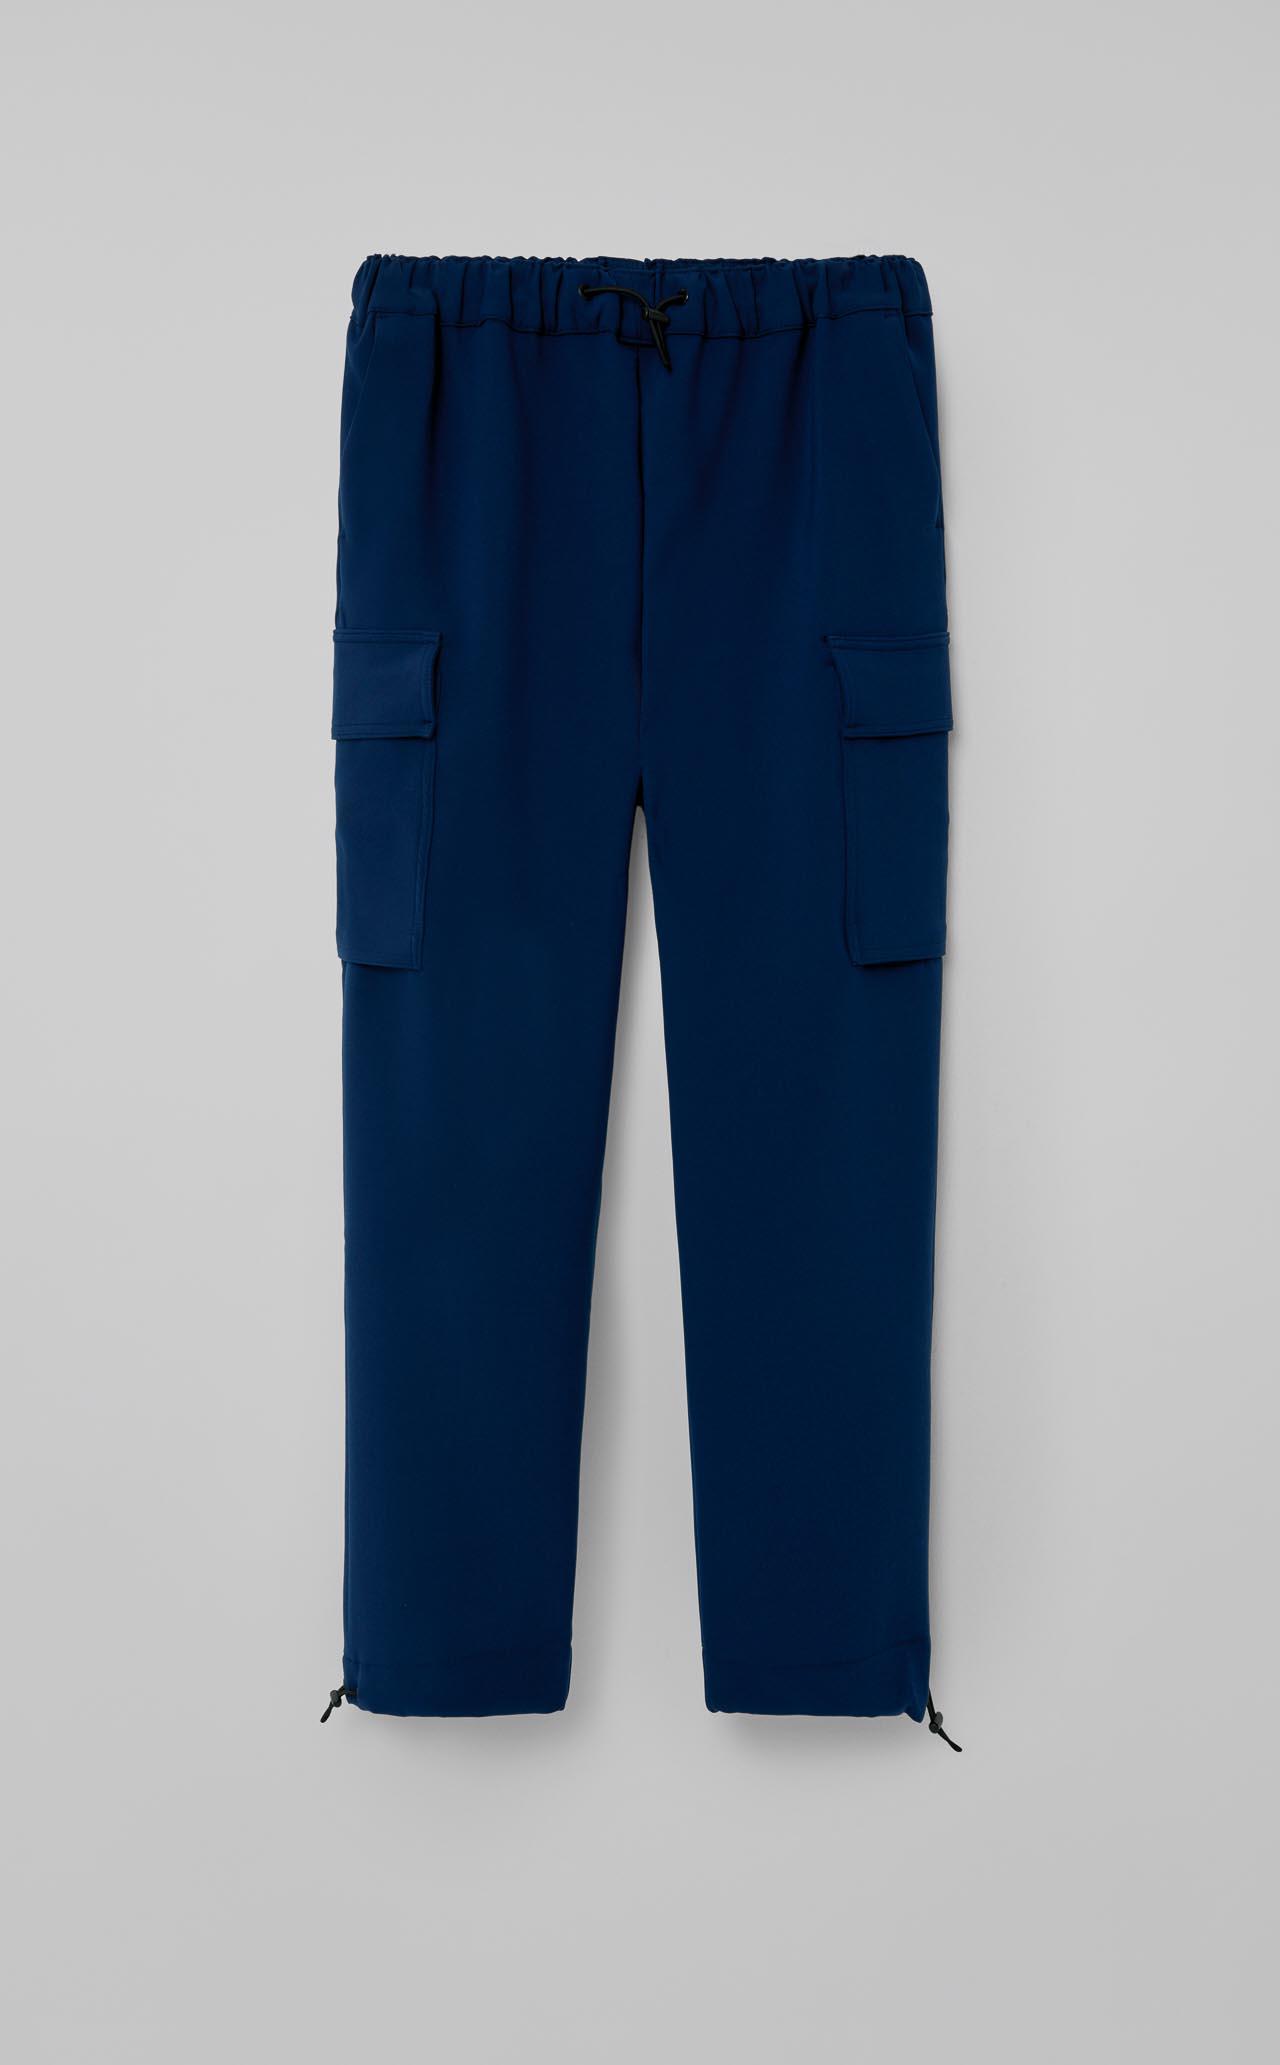 Pantalón Mugi